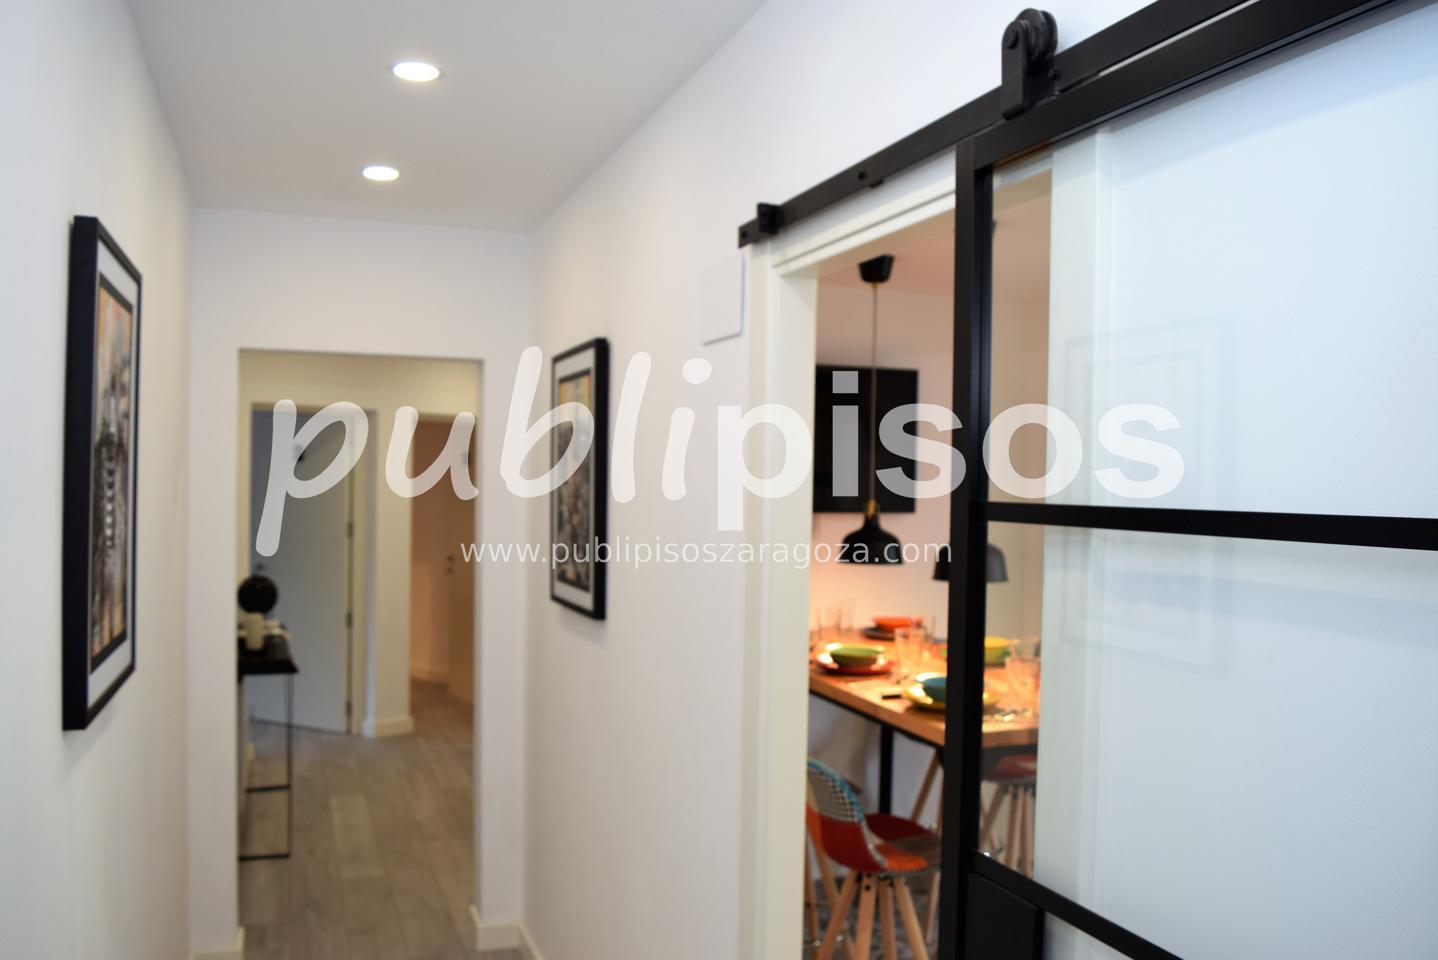 Alquiler habitaciones para estudiantes Zaragoza-28